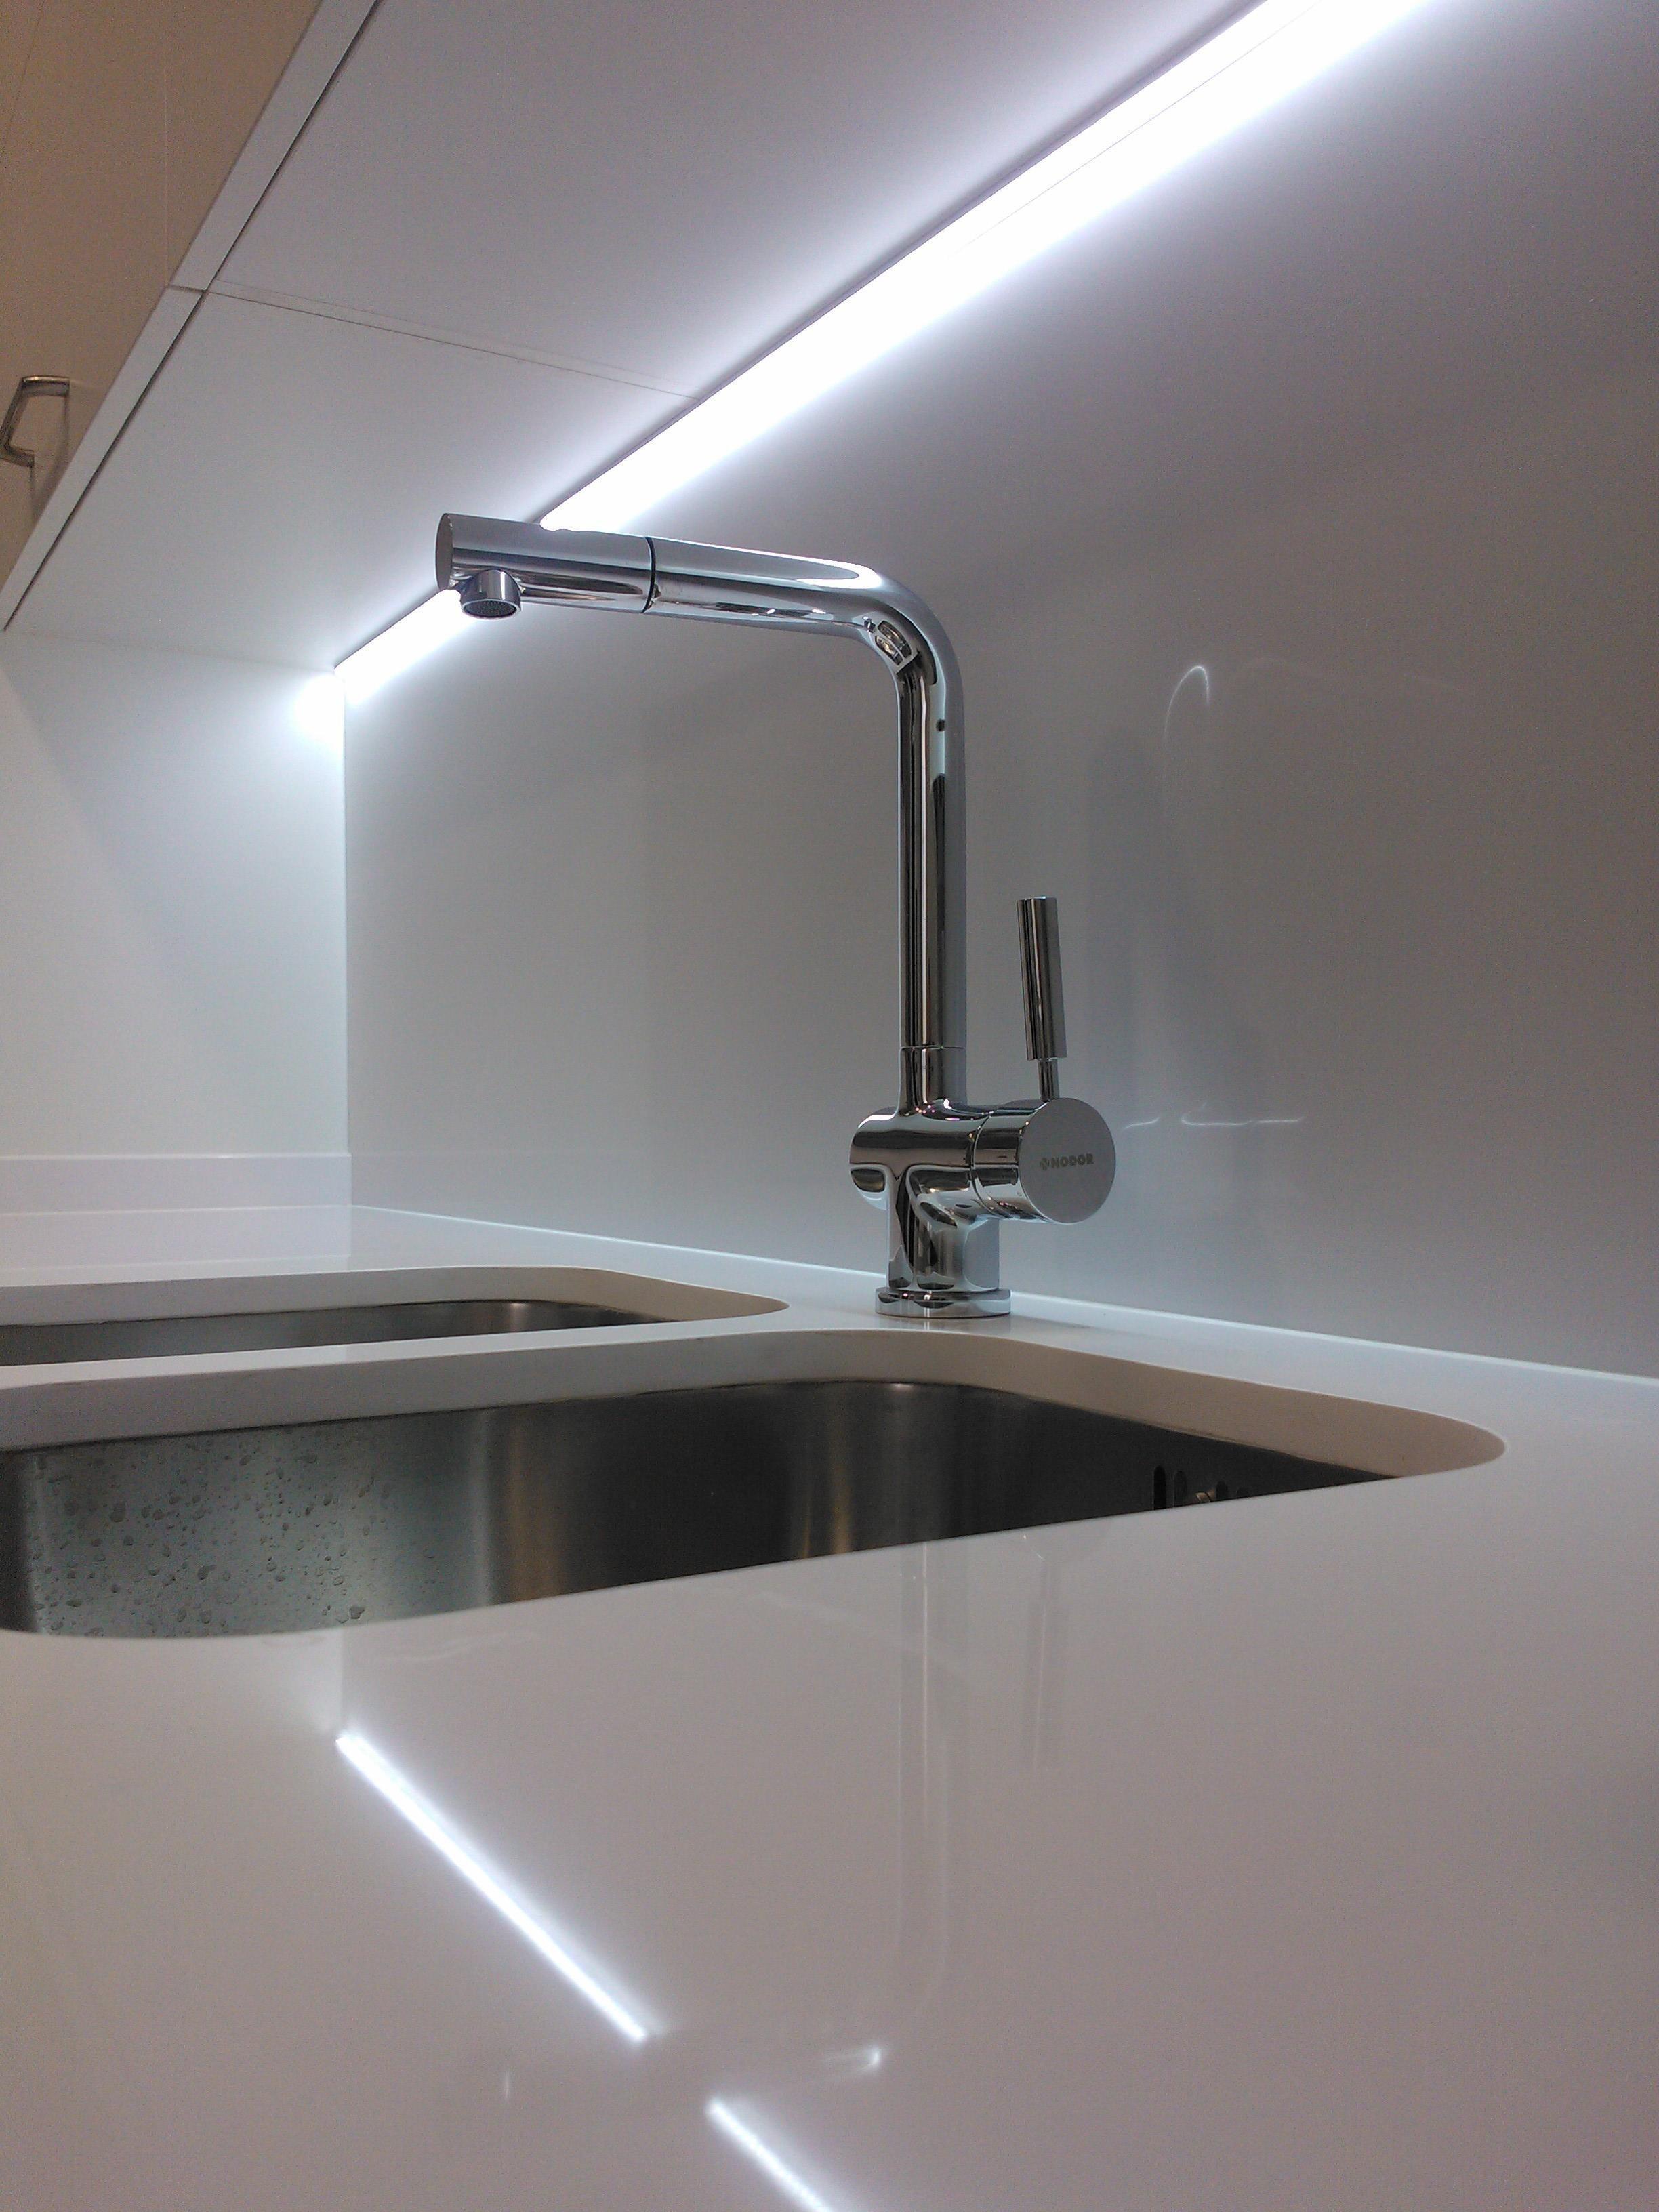 Cocina Iluminacion Cocina Bajo Mueble En Una Cocina En El  # Led Para Muebles